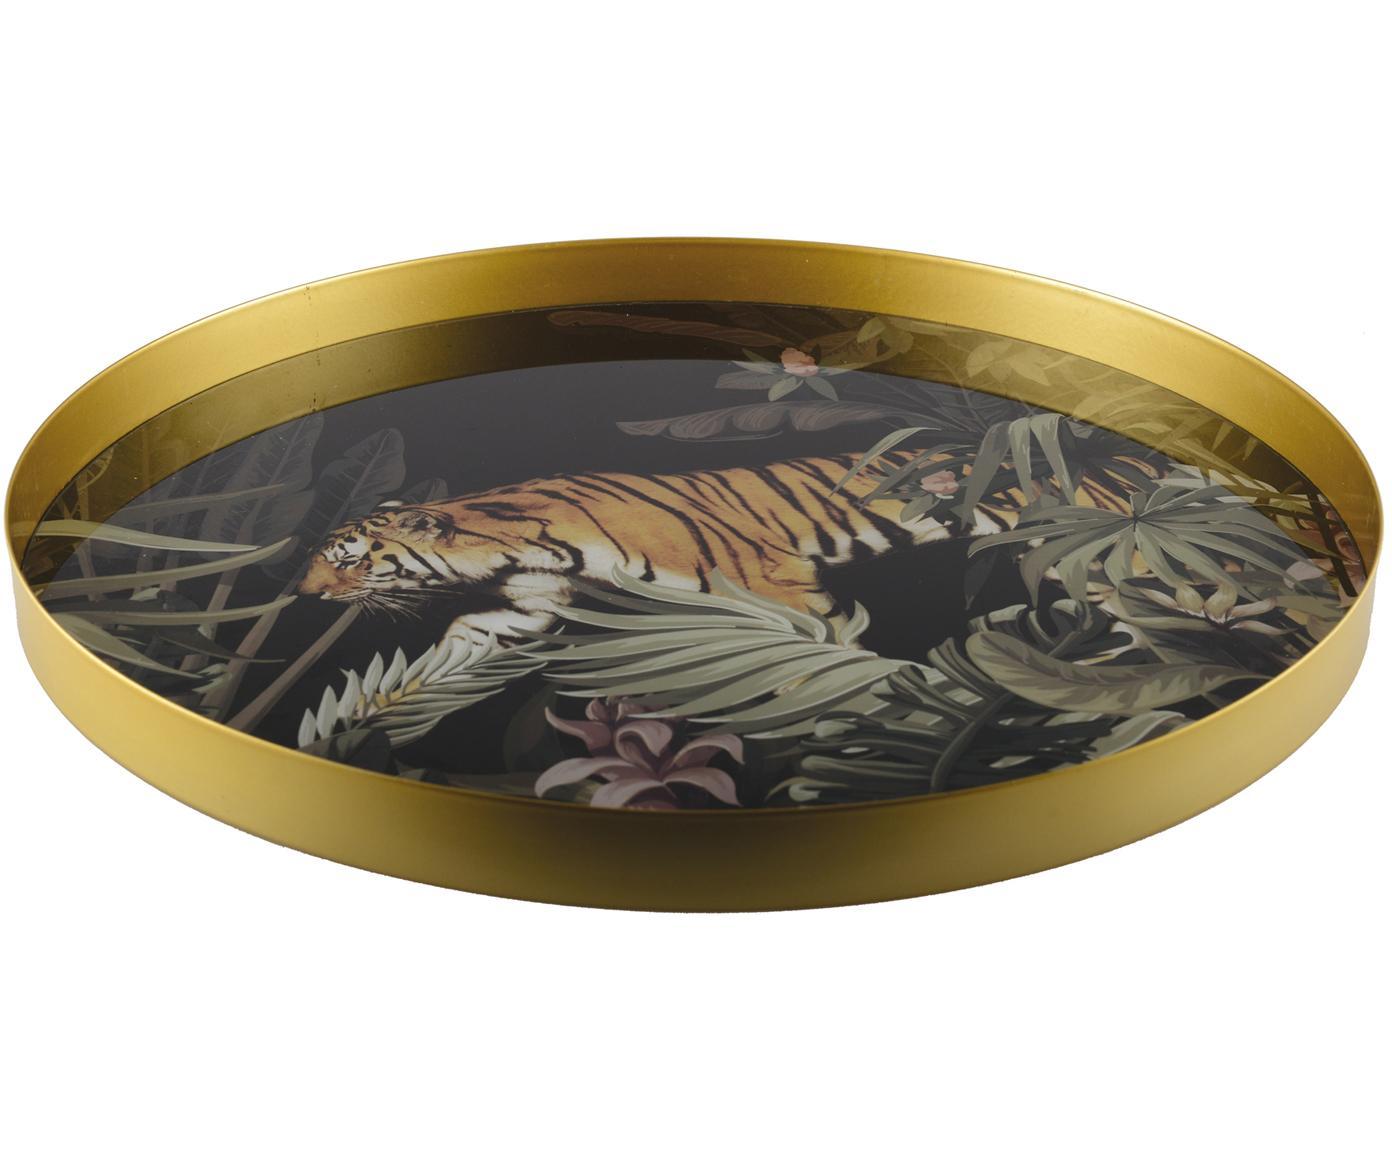 Rundes Serviertablett Tiger, Metall, beschichtet, Goldfarben, Schwarz, Grün, Braun, Weiß, Ø 40 cm